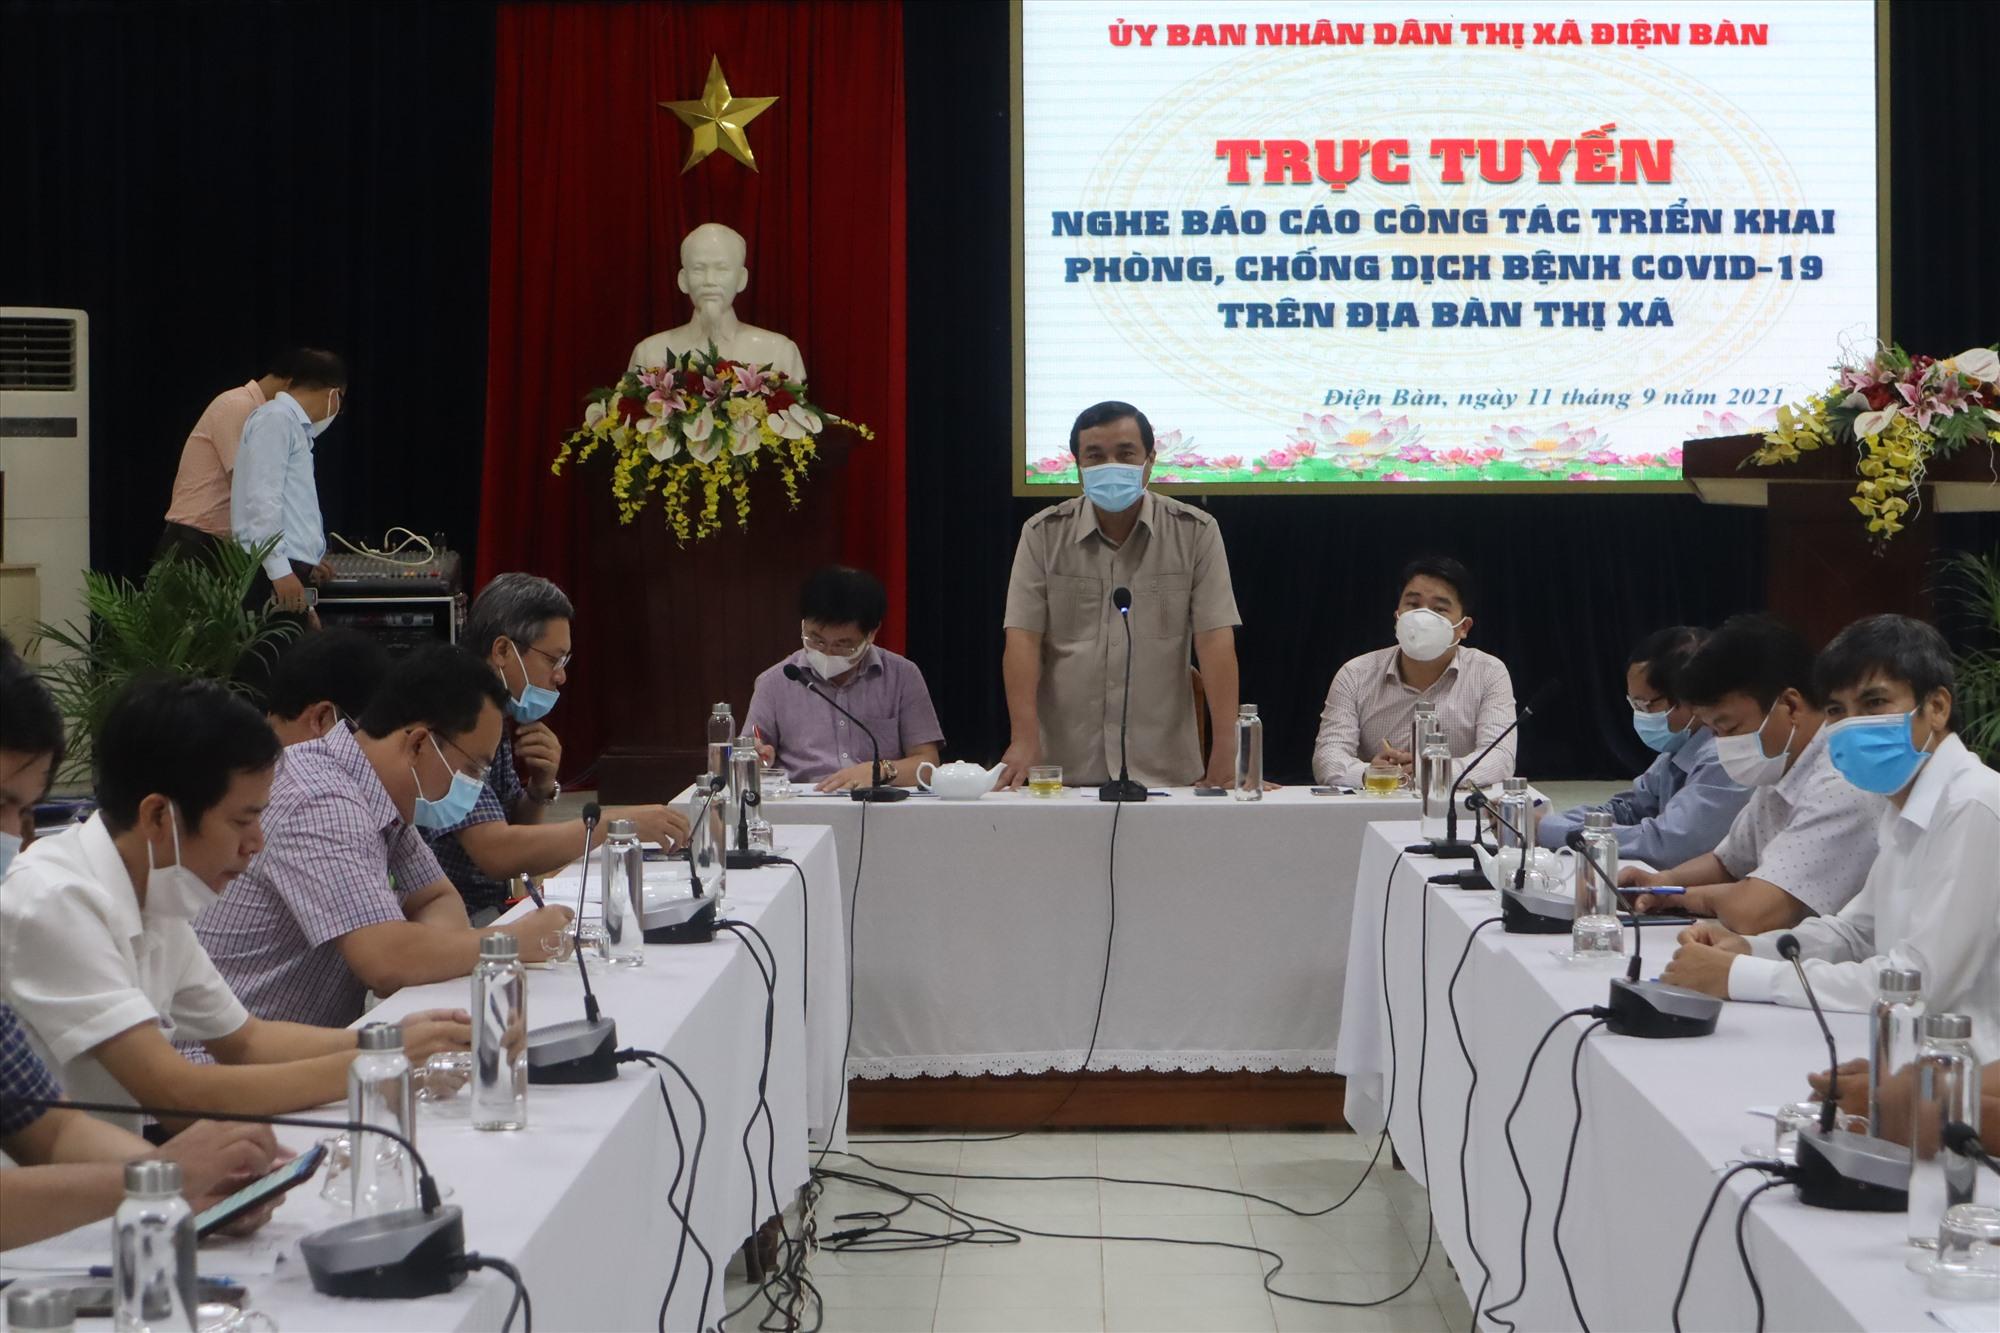 Bí thư Tỉnh ủy Phan Việt Cường yêu cầu Điện Bàn quyết liệt dập dịch không để bùng phát mạnh. Ảnh: Q.T